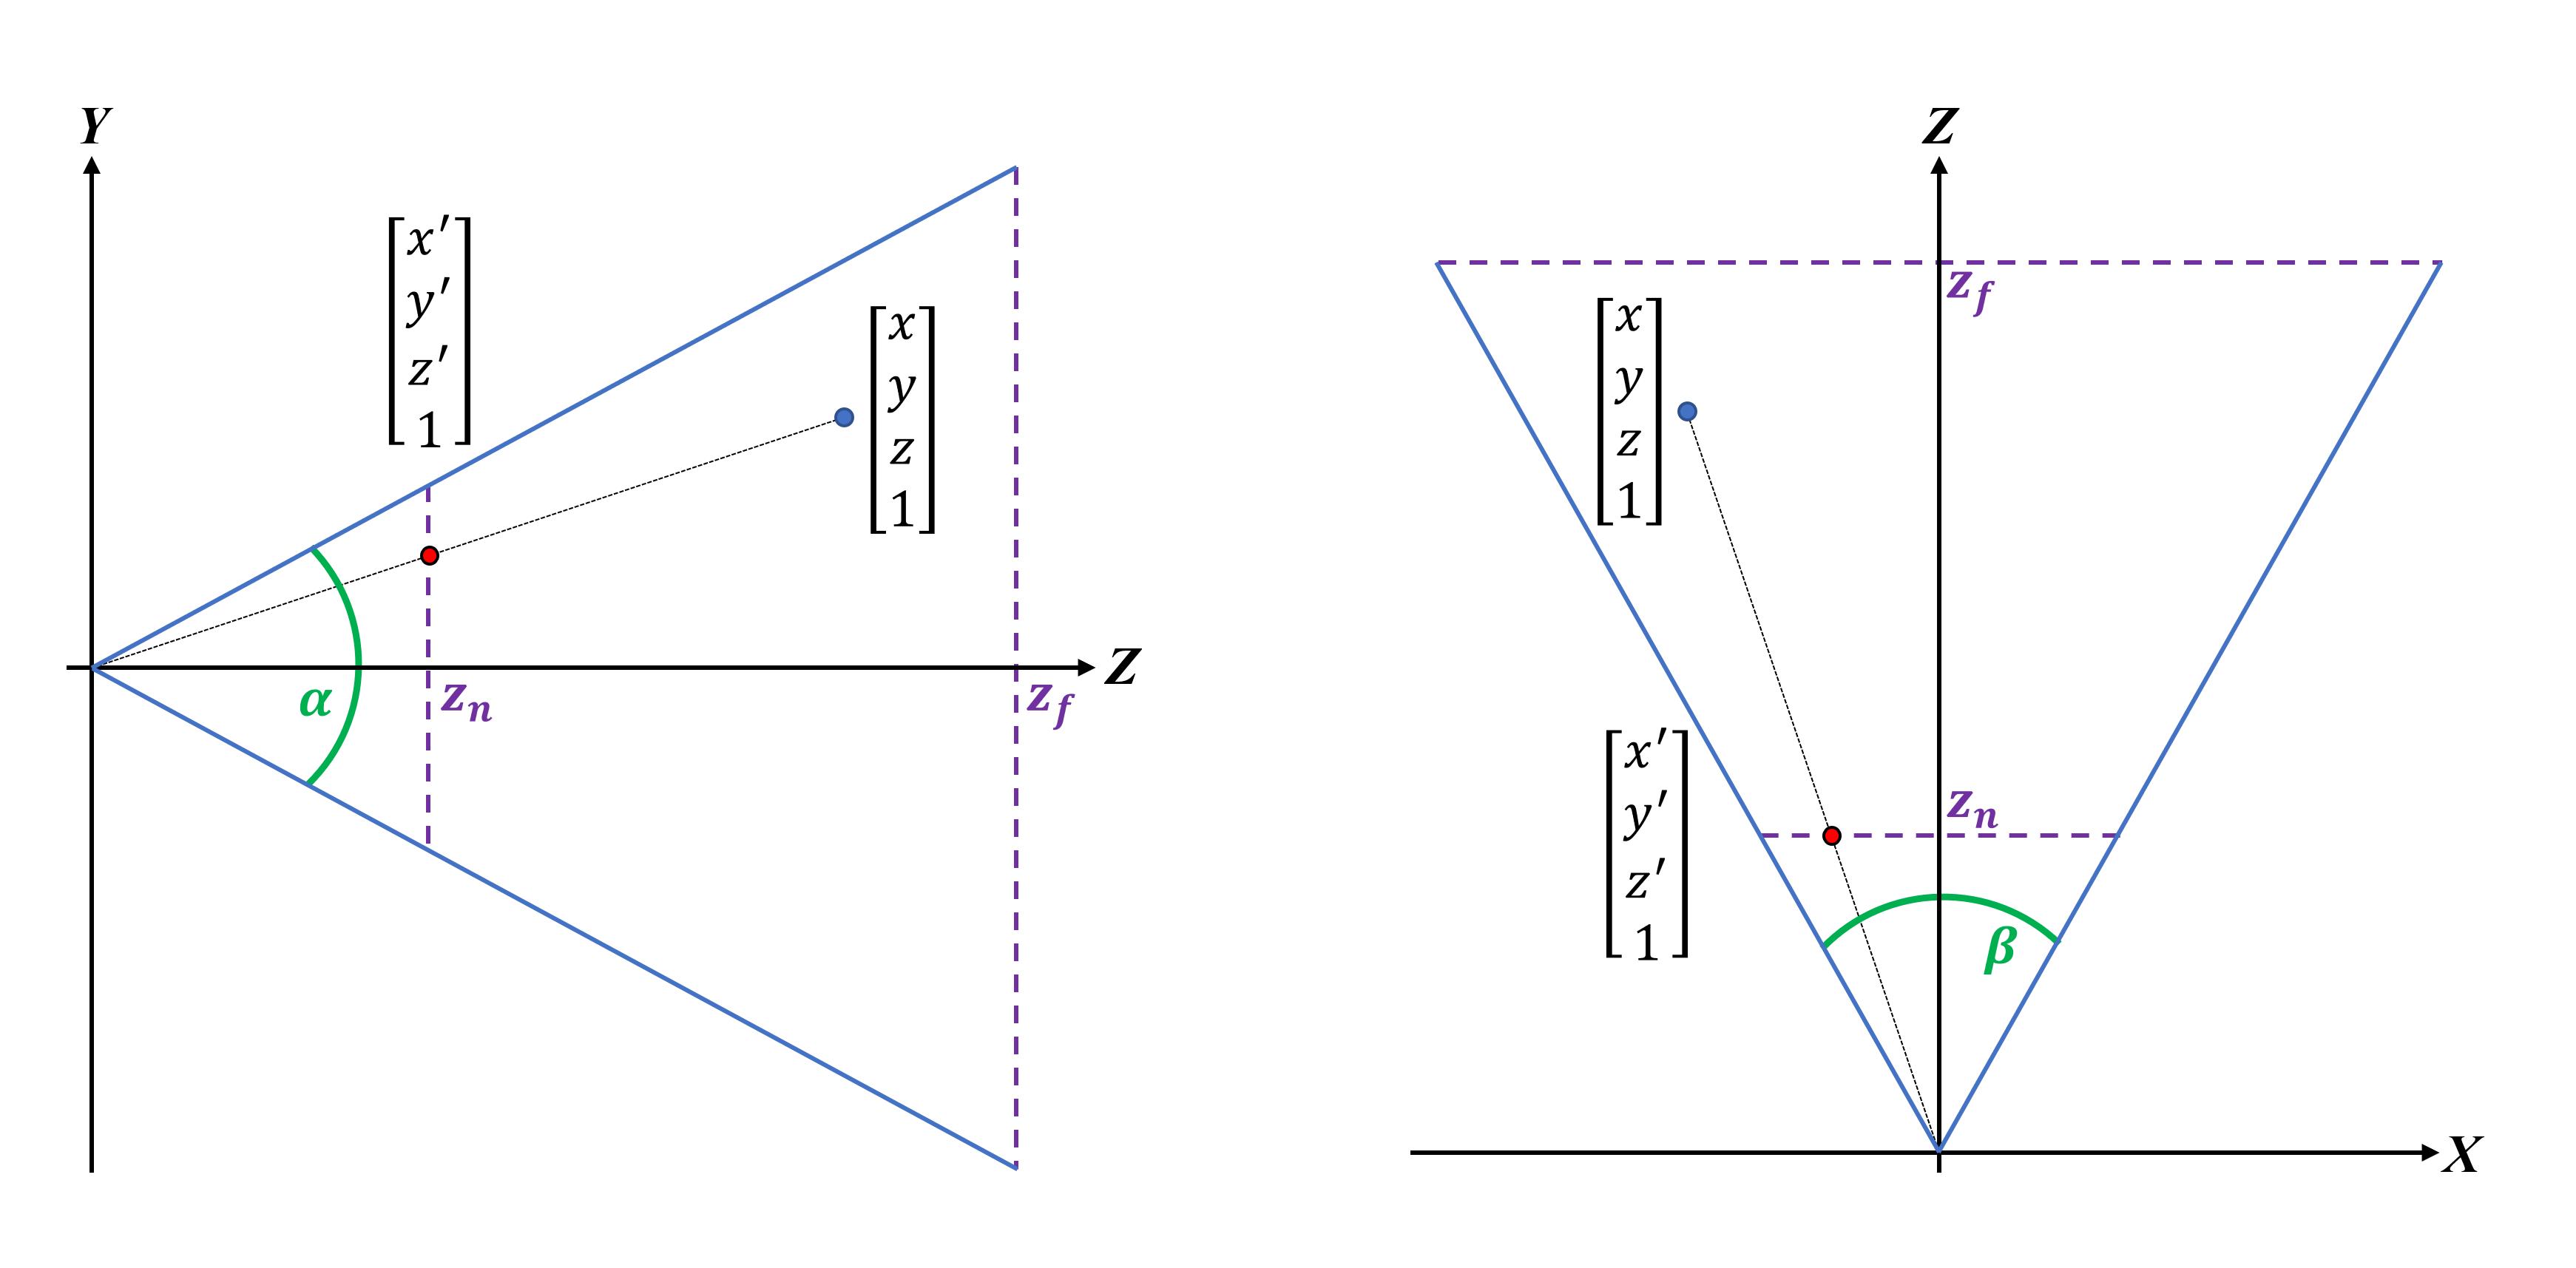 Как работает рендеринг 3D-игр: растеризация и трассировка лучей - 7